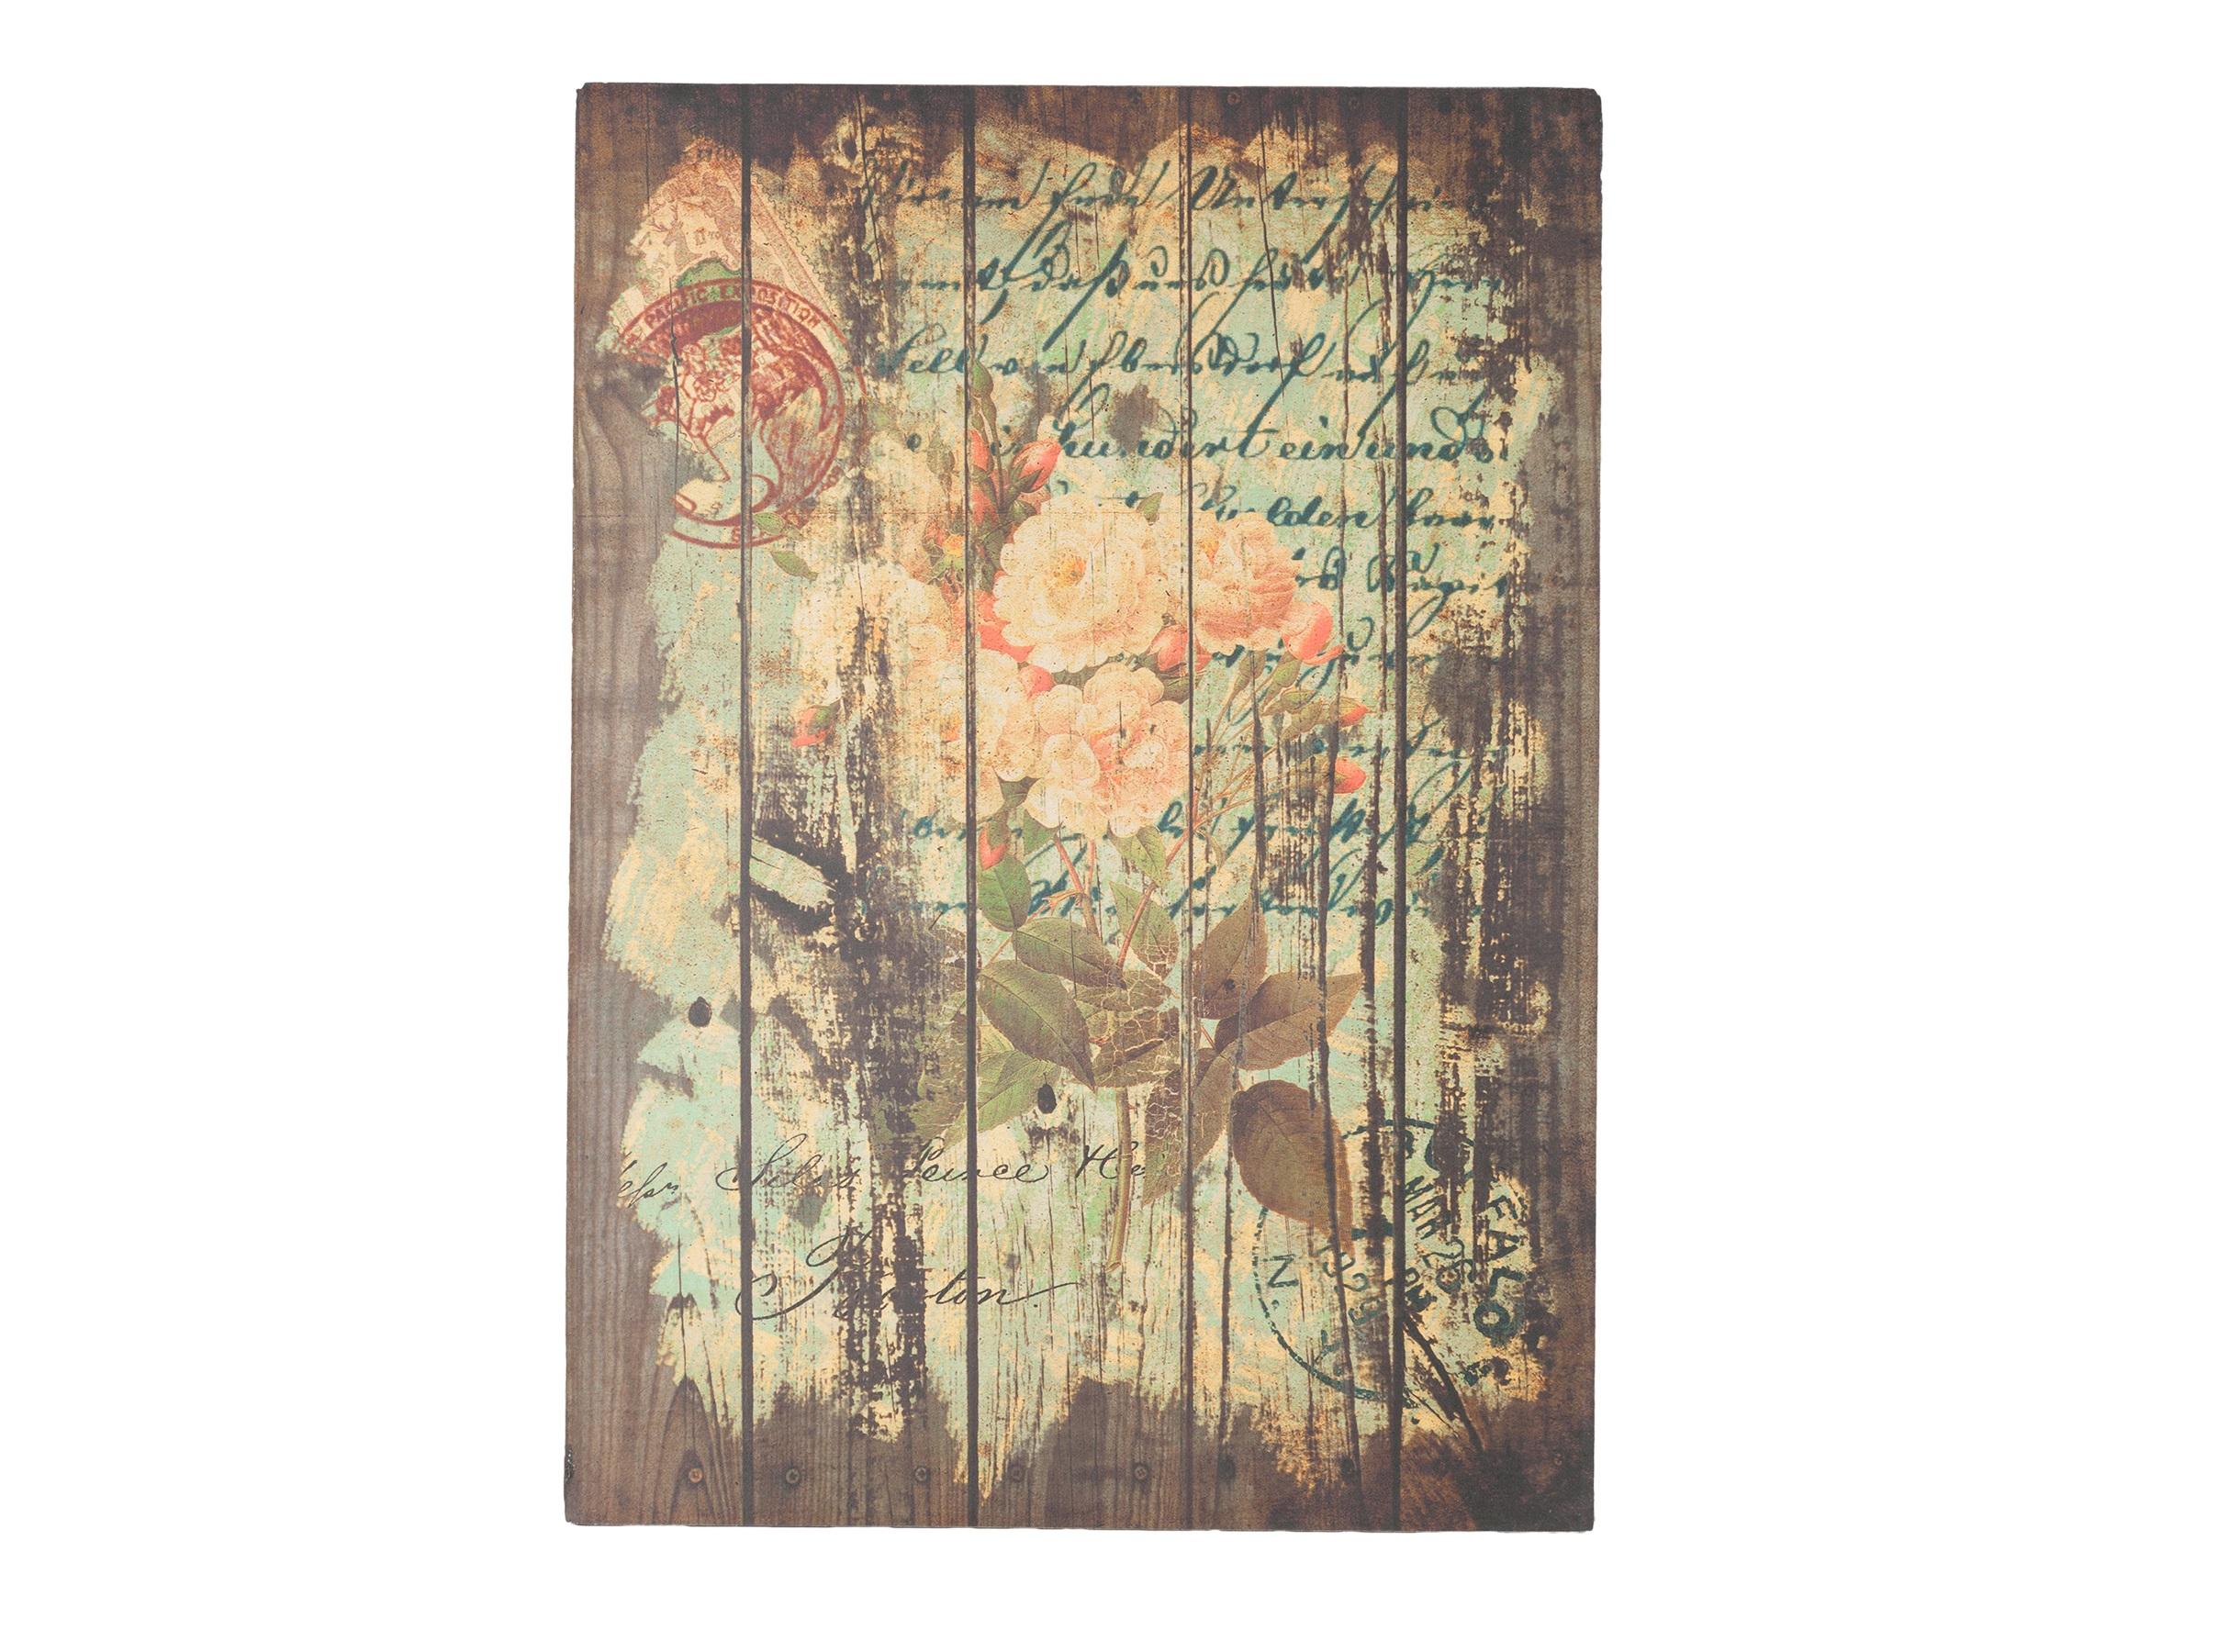 Декоративная панель Flores RoseДругое<br>Декоративный постер: настенный деревянный (ель), цветная печать<br><br>Material: Дерево<br>Length см: None<br>Width см: 50<br>Depth см: Flores Rose<br>Height см: 70